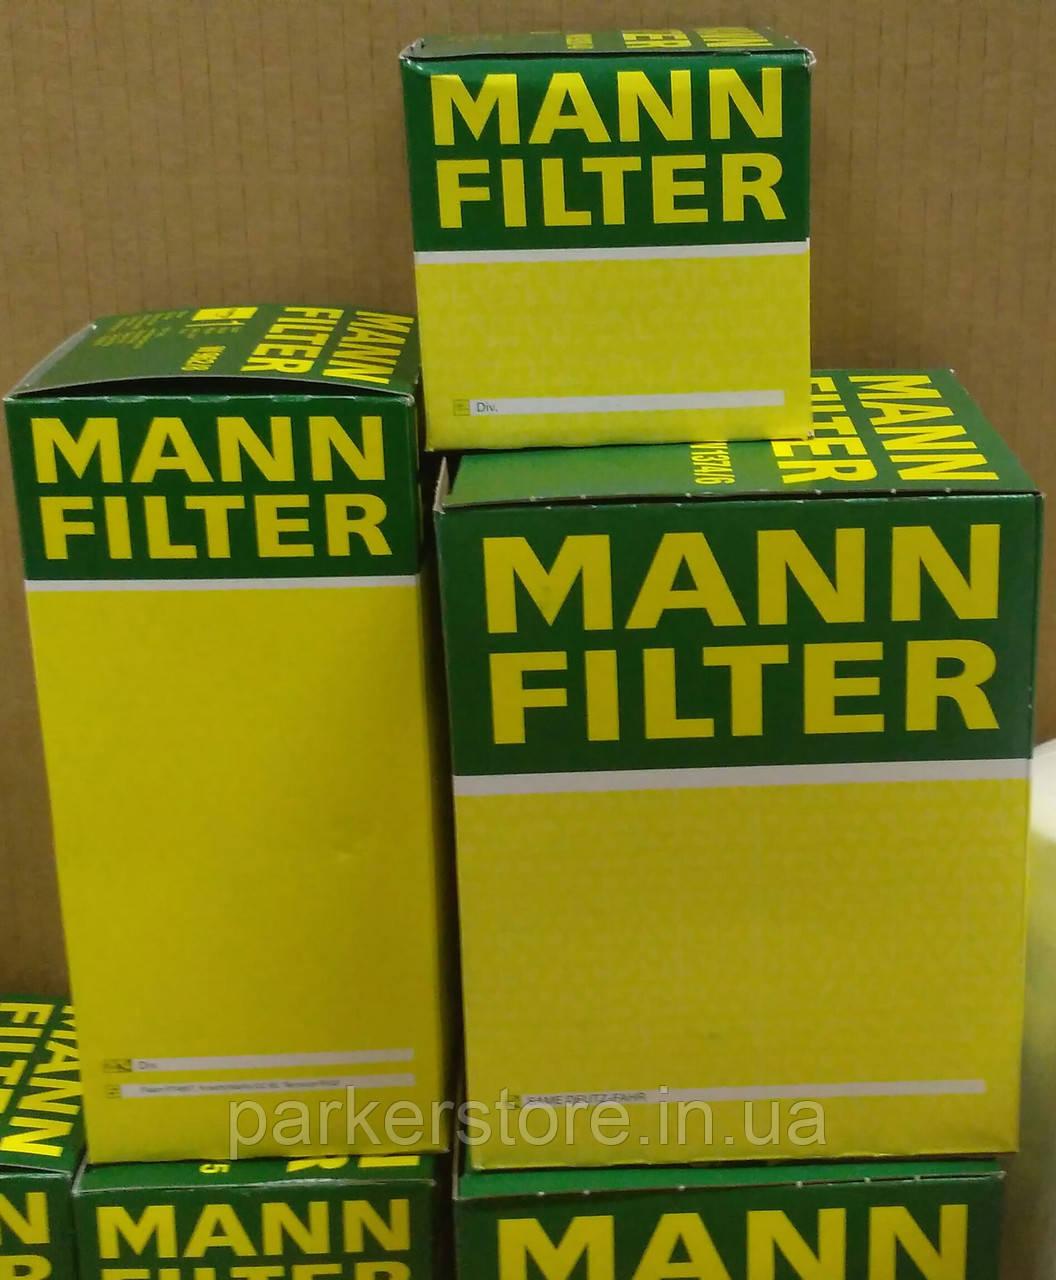 MANN FILTER / Повітряний фільтр / C 2657 / C2657